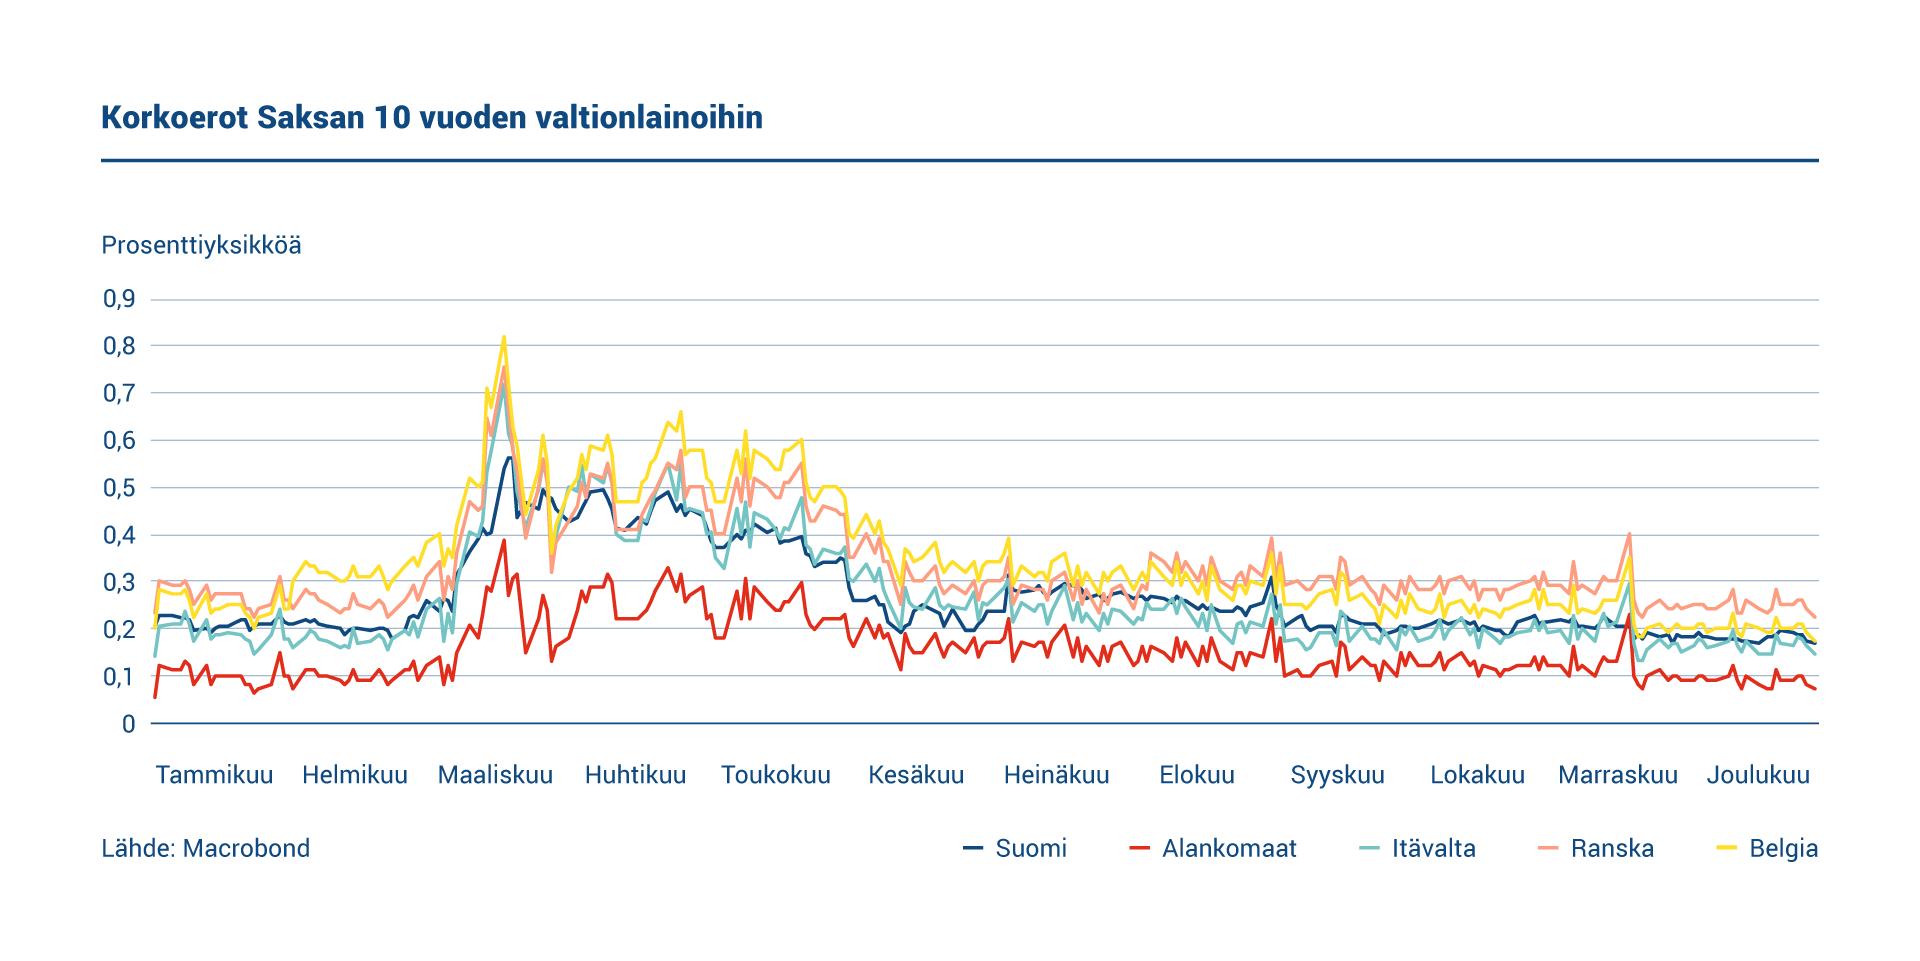 Kaaviossa esitetään Suomen, Hollannin, Itävallan, Ranskan ja Belgian kymmenvuotisten valtionlainojen korkoerot suhteessa Saksan vastaaviin lainoihin.